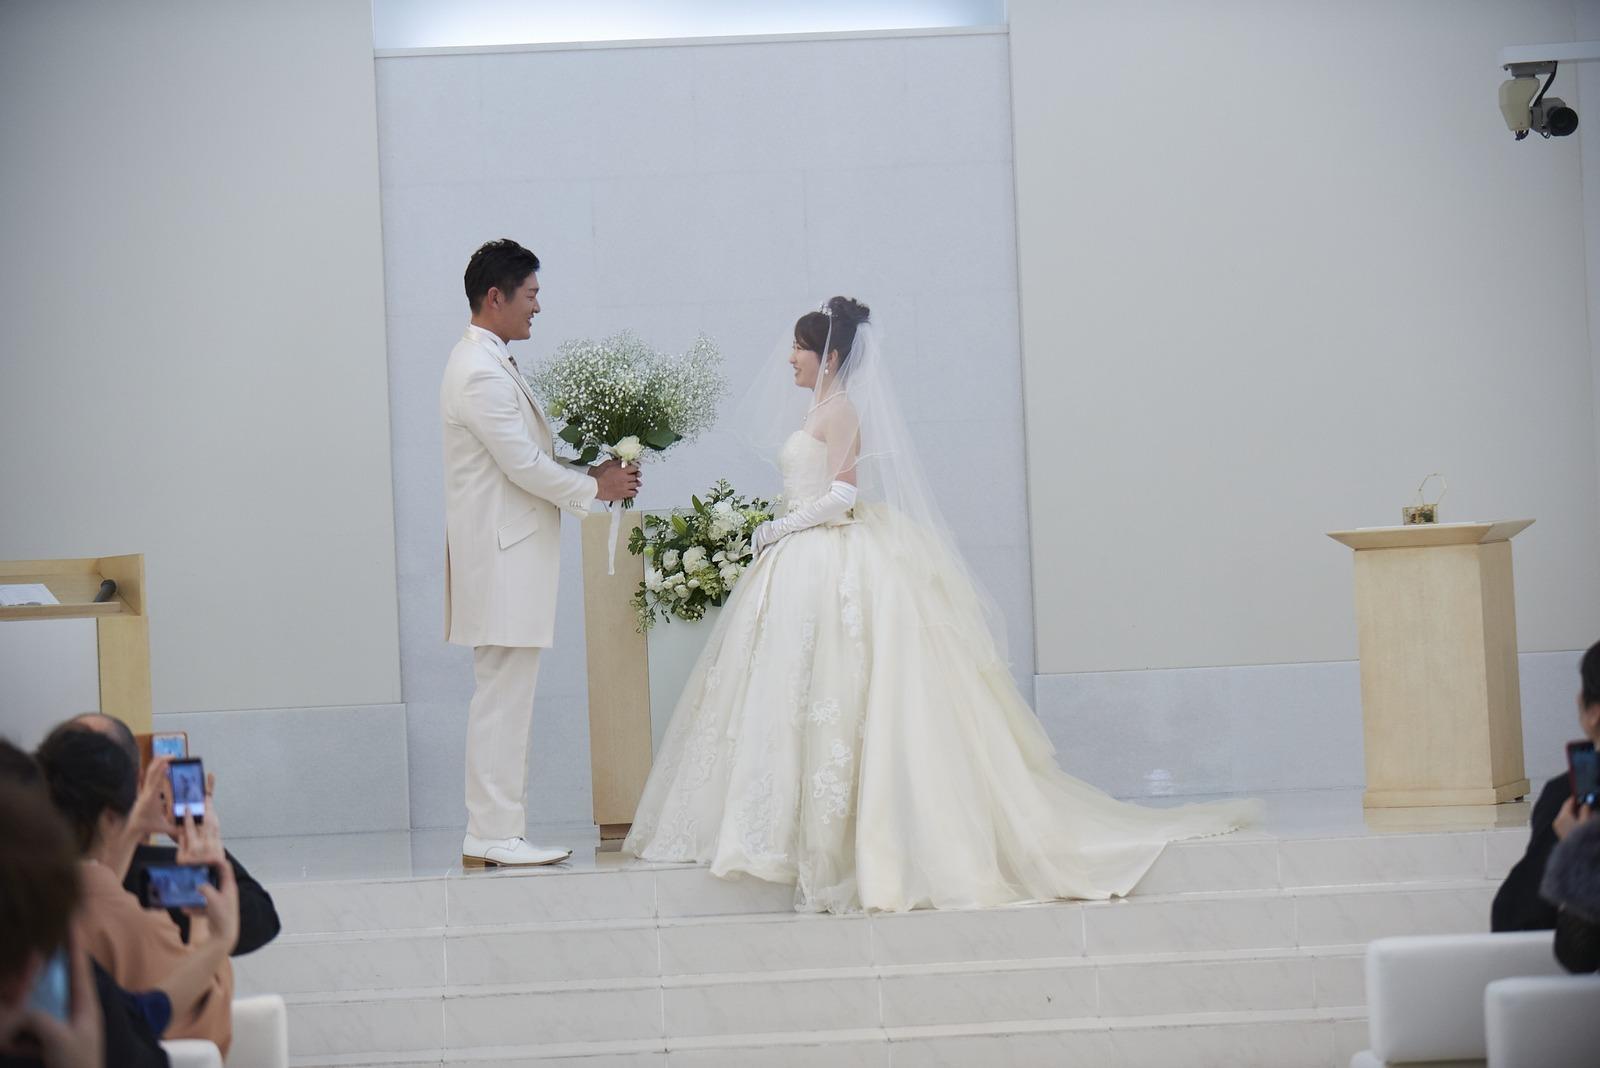 徳島市の結婚式場ブランアンジュでブーケブートニアセレモニーをする新郎新婦様